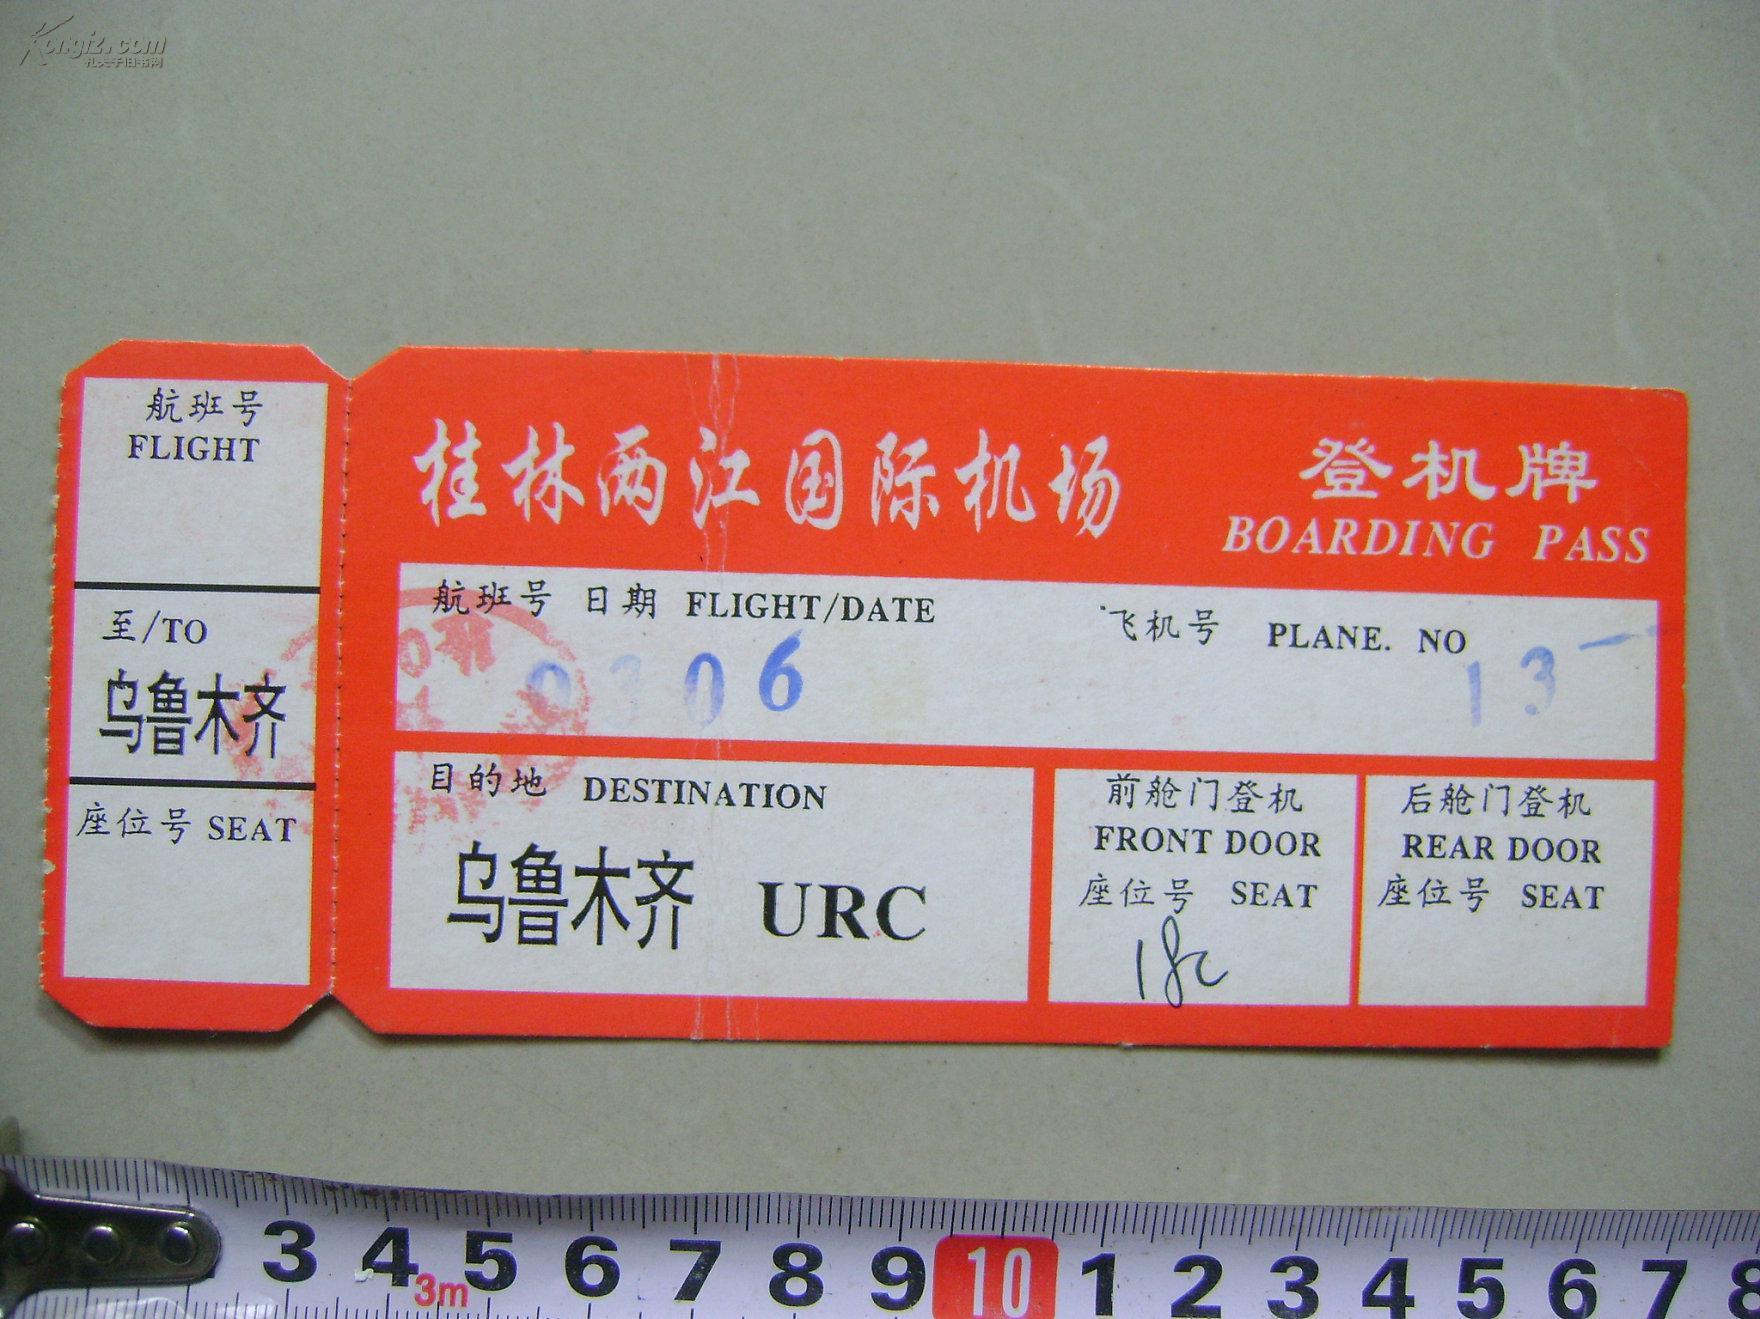 春至海南的机票_早期老登机牌飞机票收藏:桂林两江国际机场登机牌(编号:3)